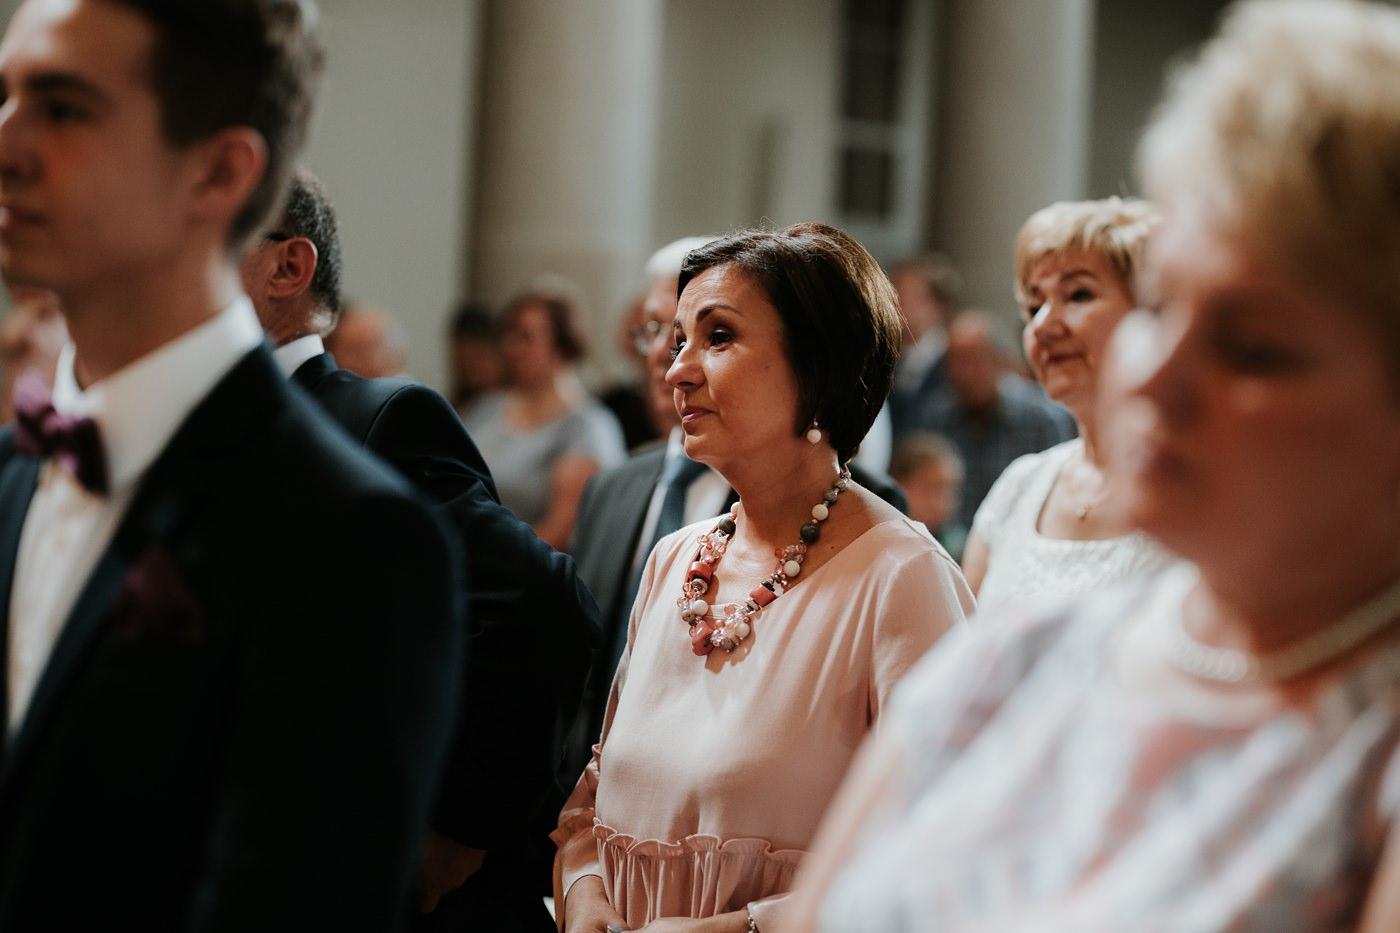 Dominika & Aleksander - Rustykalne wesele w stodole - Baborówko 49